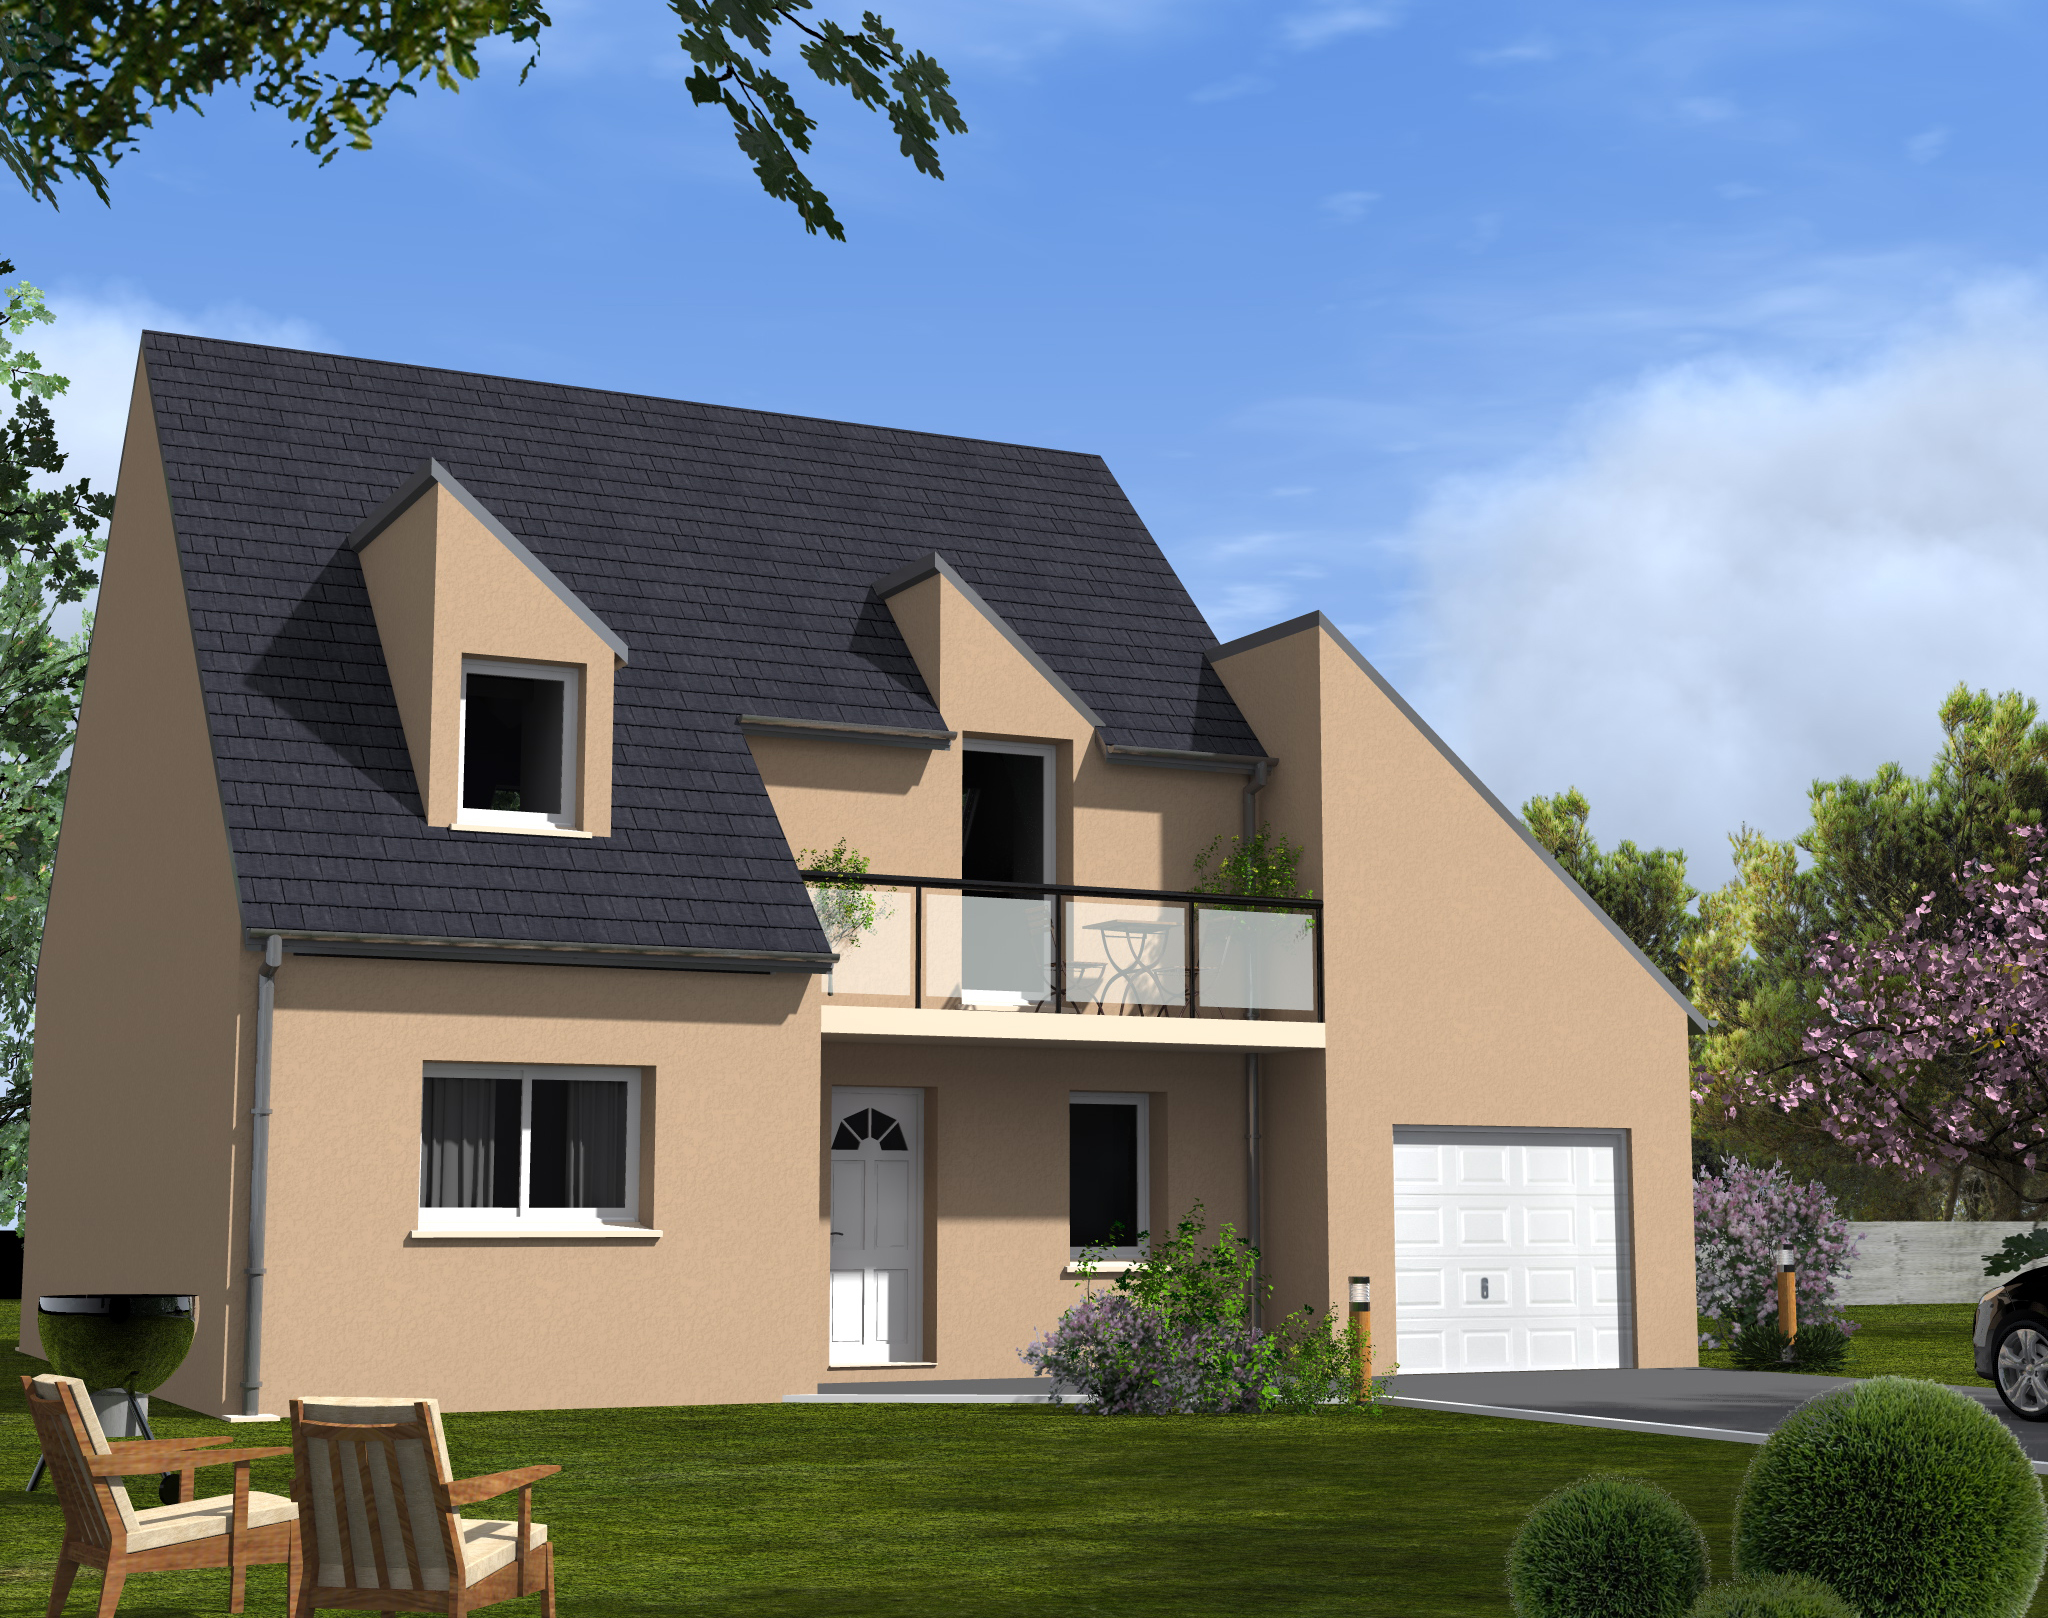 Constructeur Maison Contemporaine Bourges Maison Moderne